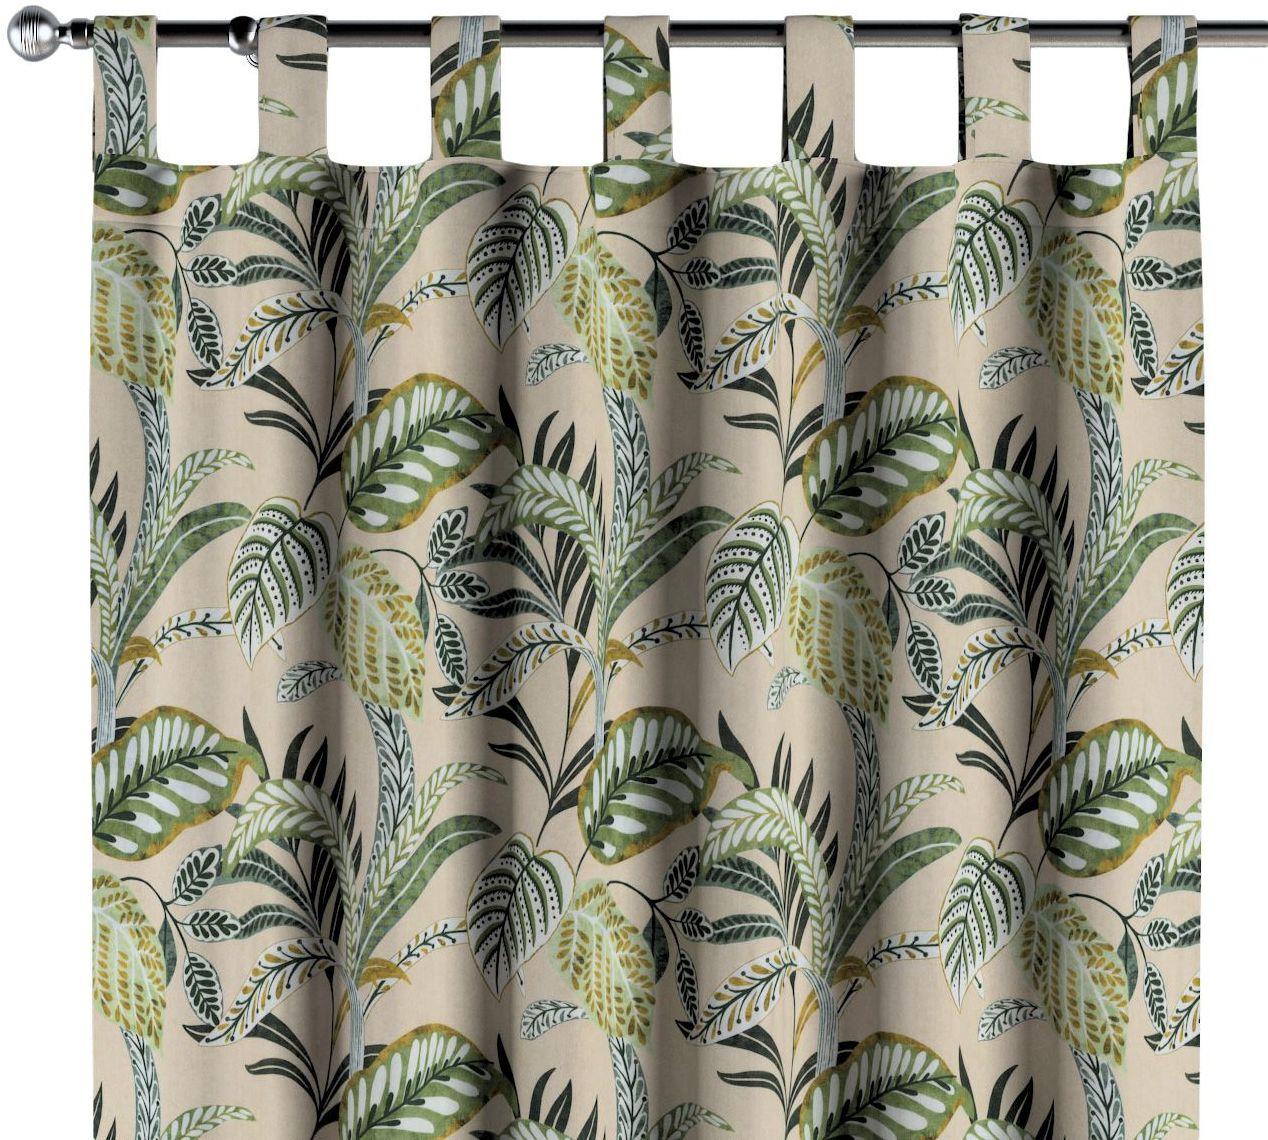 Zasłona na szelkach 1 szt., oliwkowo-zielone liście na lnianym tle, 1szt 130  260 cm, Tropical Island